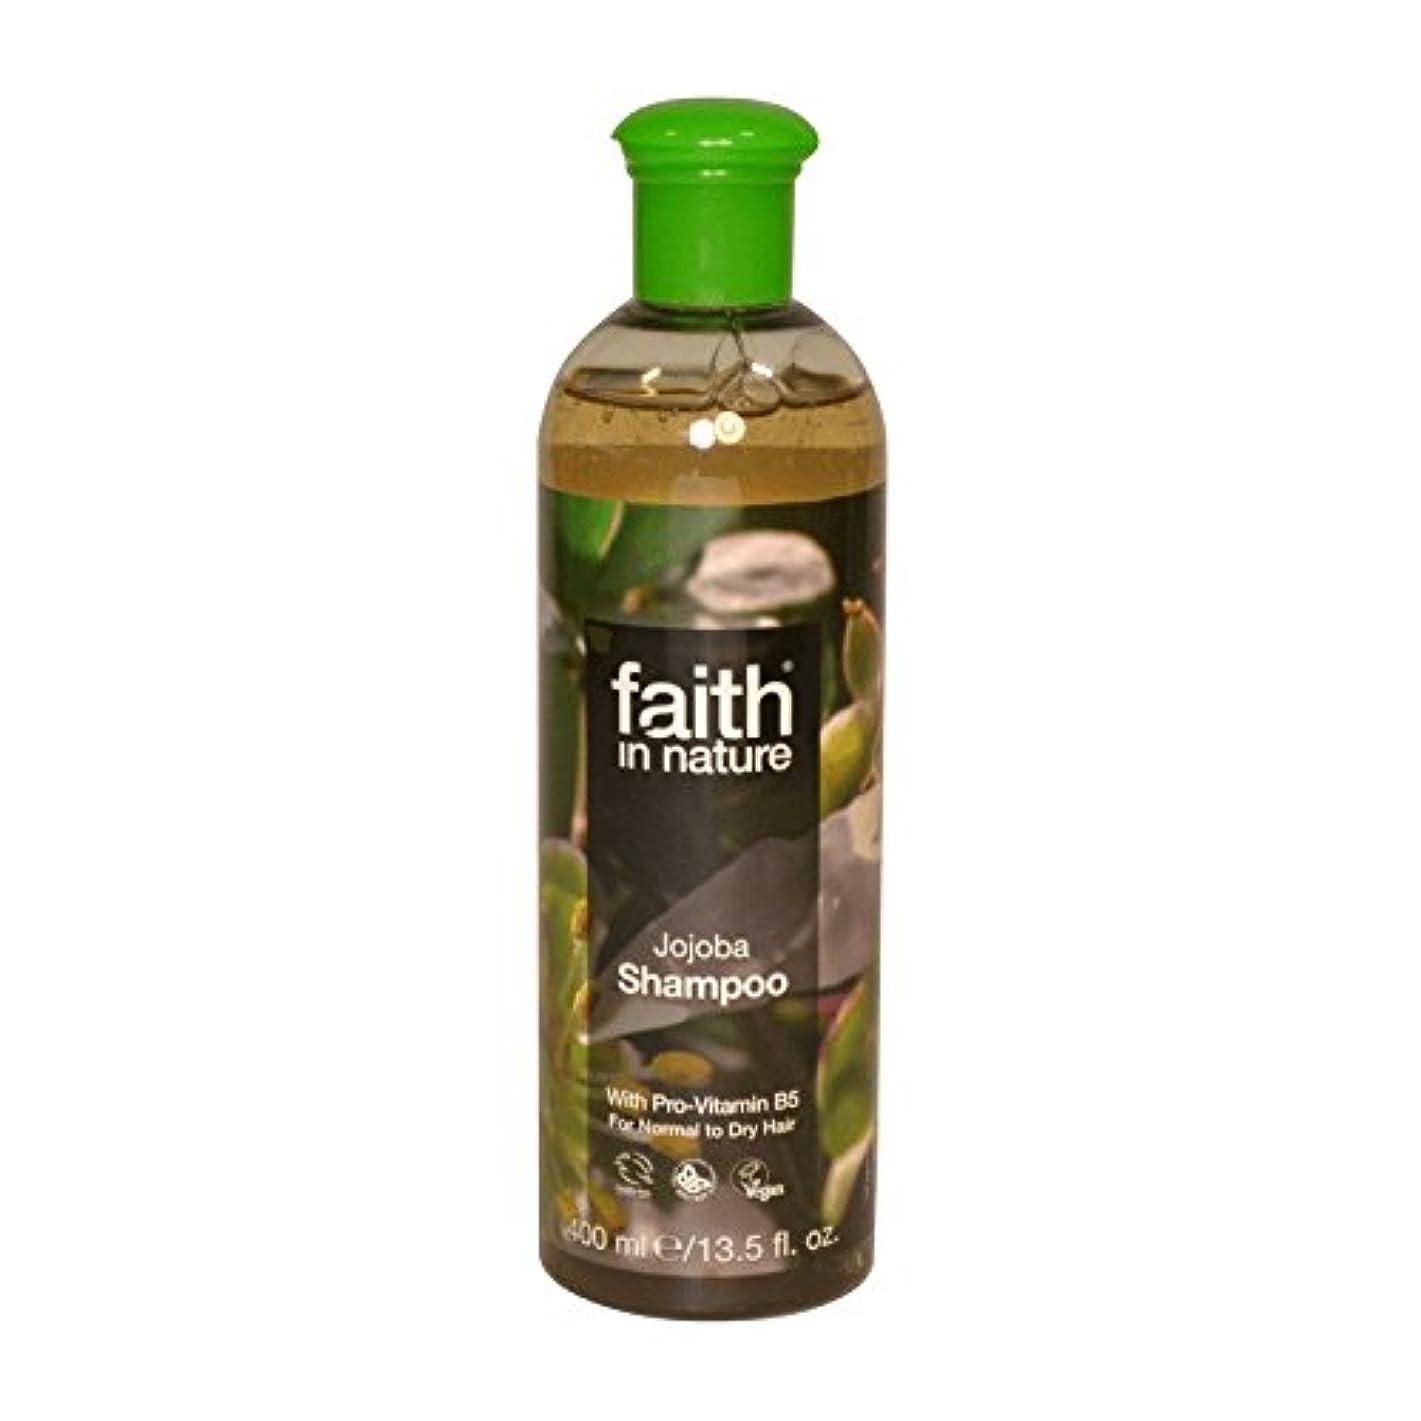 違反製作アイロニーFaith in Nature Jojoba Shampoo 400ml (Pack of 2) - 自然ホホバシャンプー400ミリリットルの信仰 (x2) [並行輸入品]